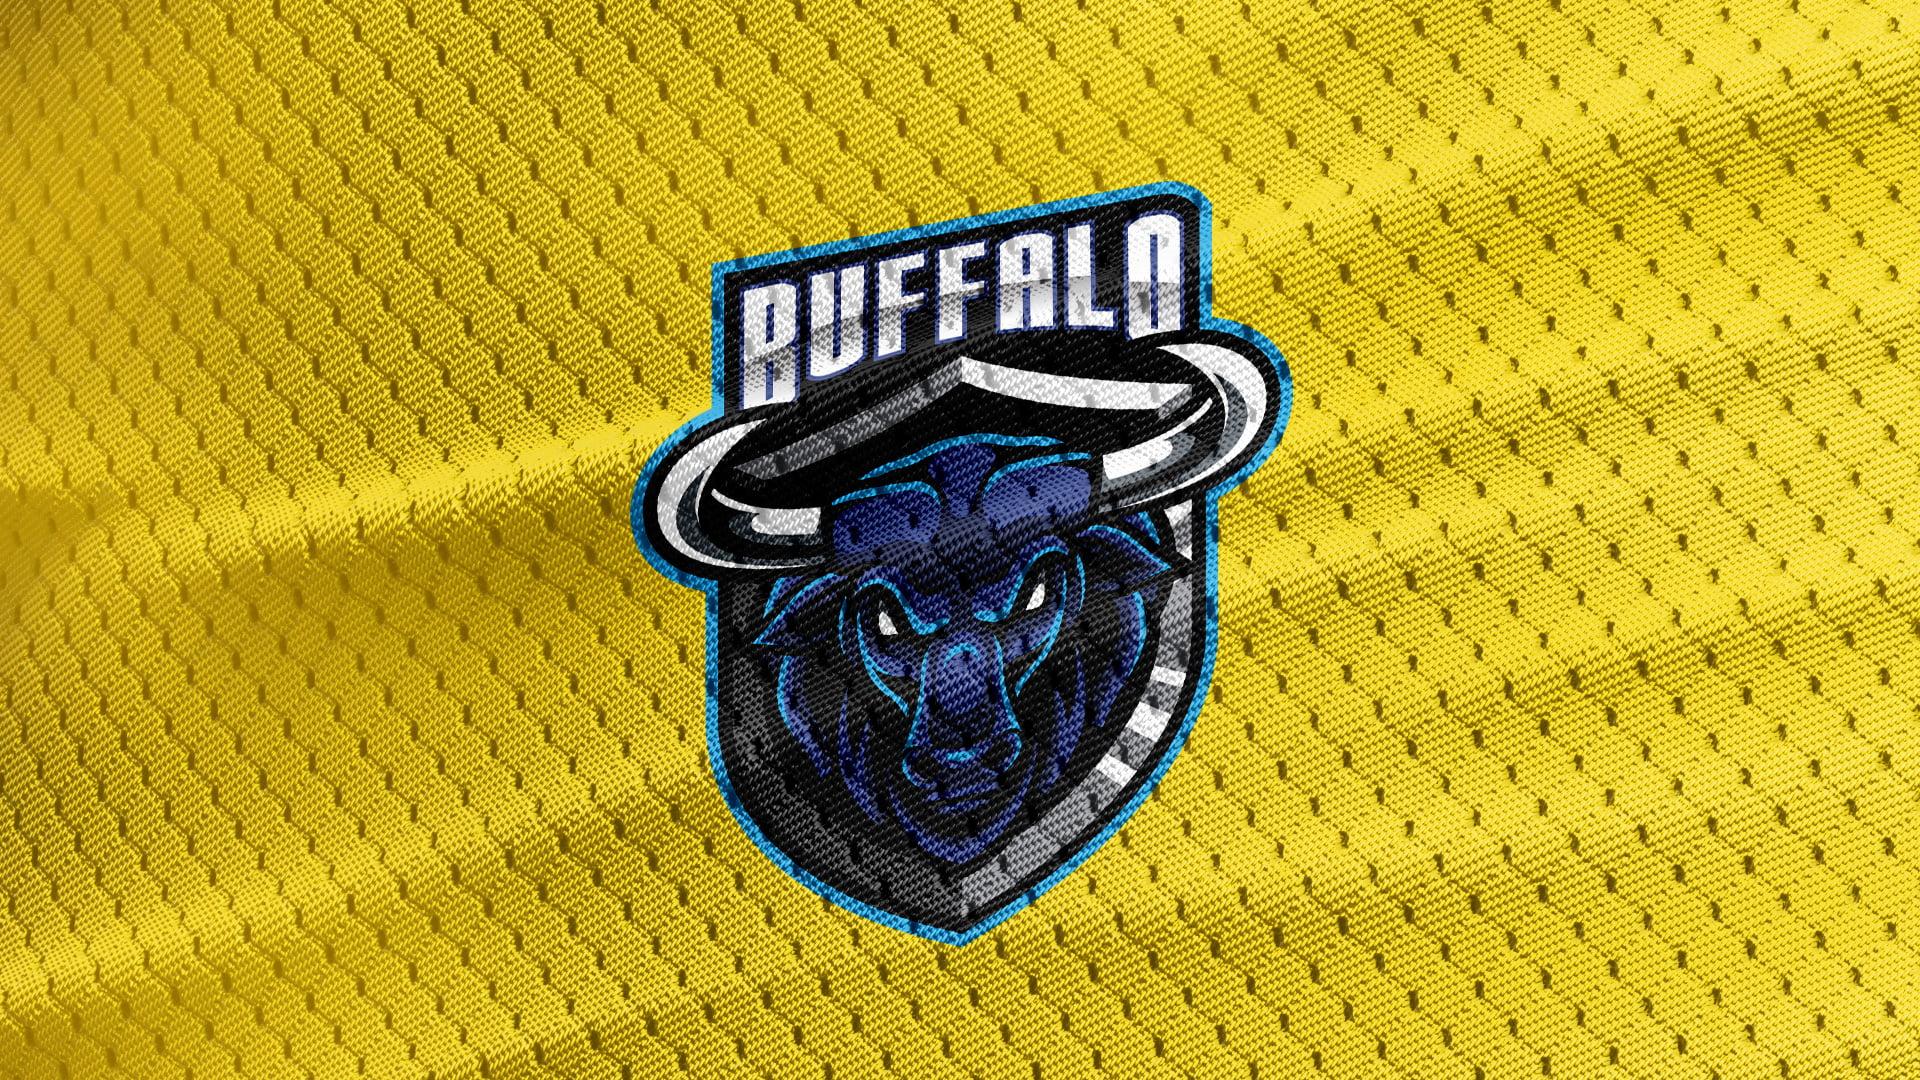 Yellow-Jersey-Texture-Free-Buffalo-Mascot-Logo